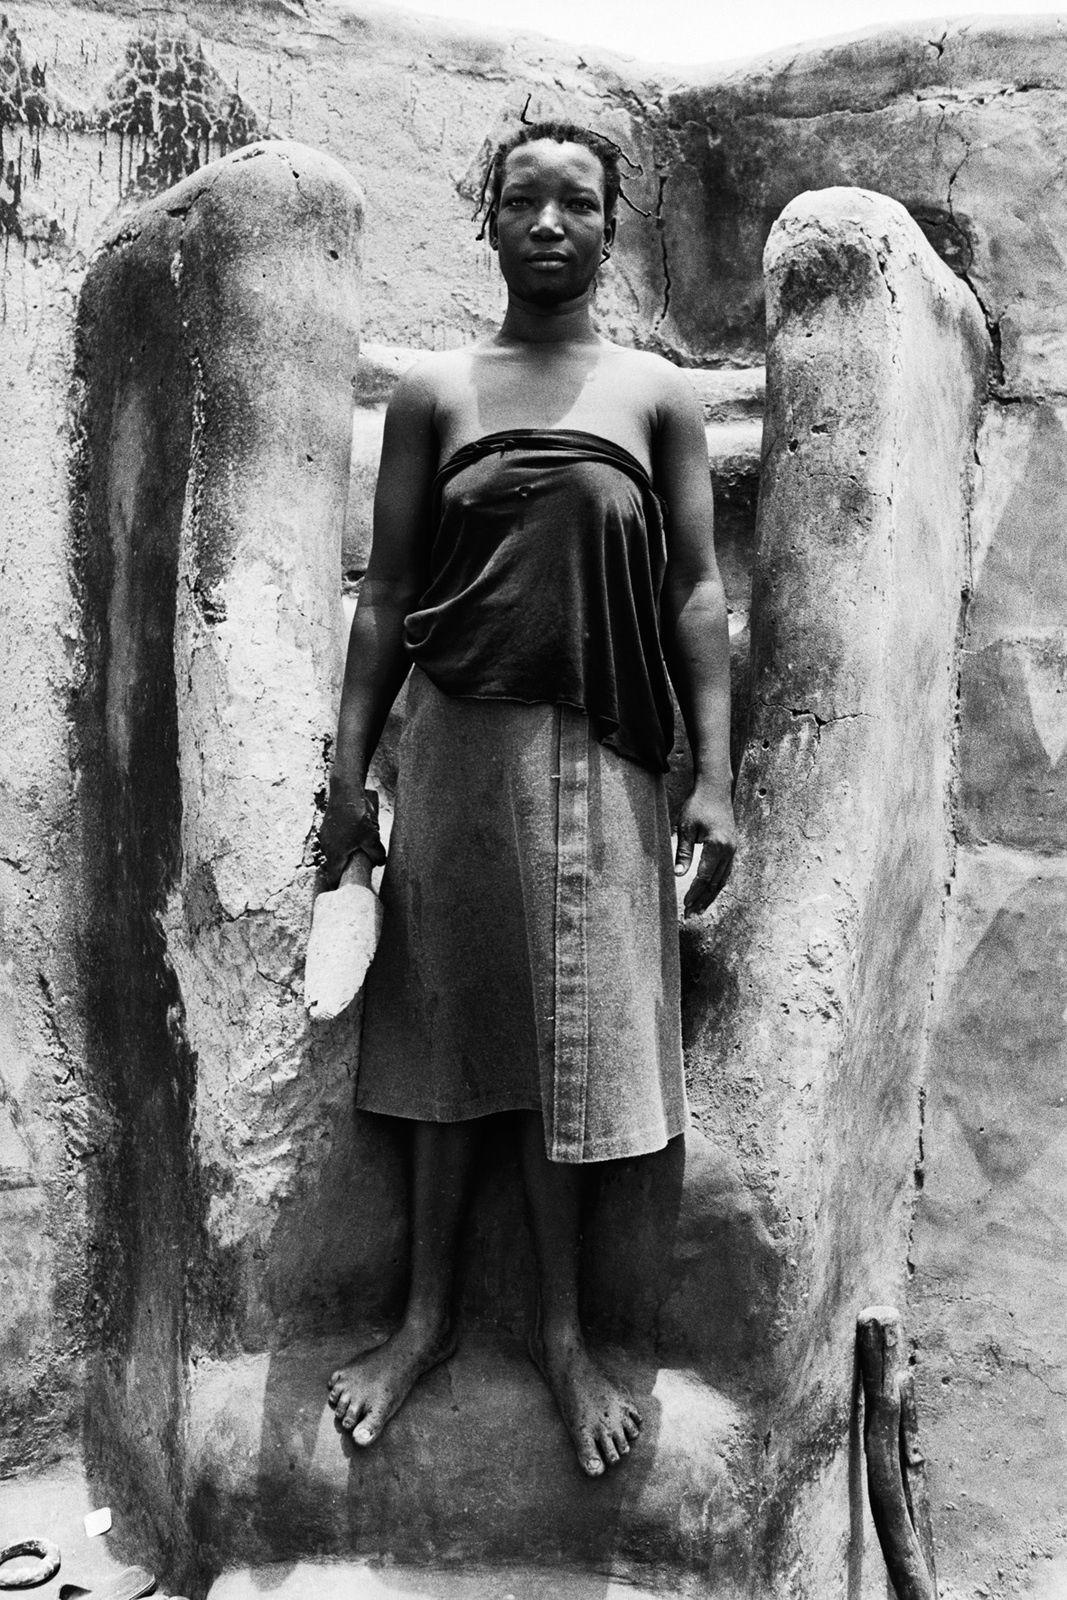 Région de Pô, Burkina Faso,  (Françoise Huguier/Agence VU')